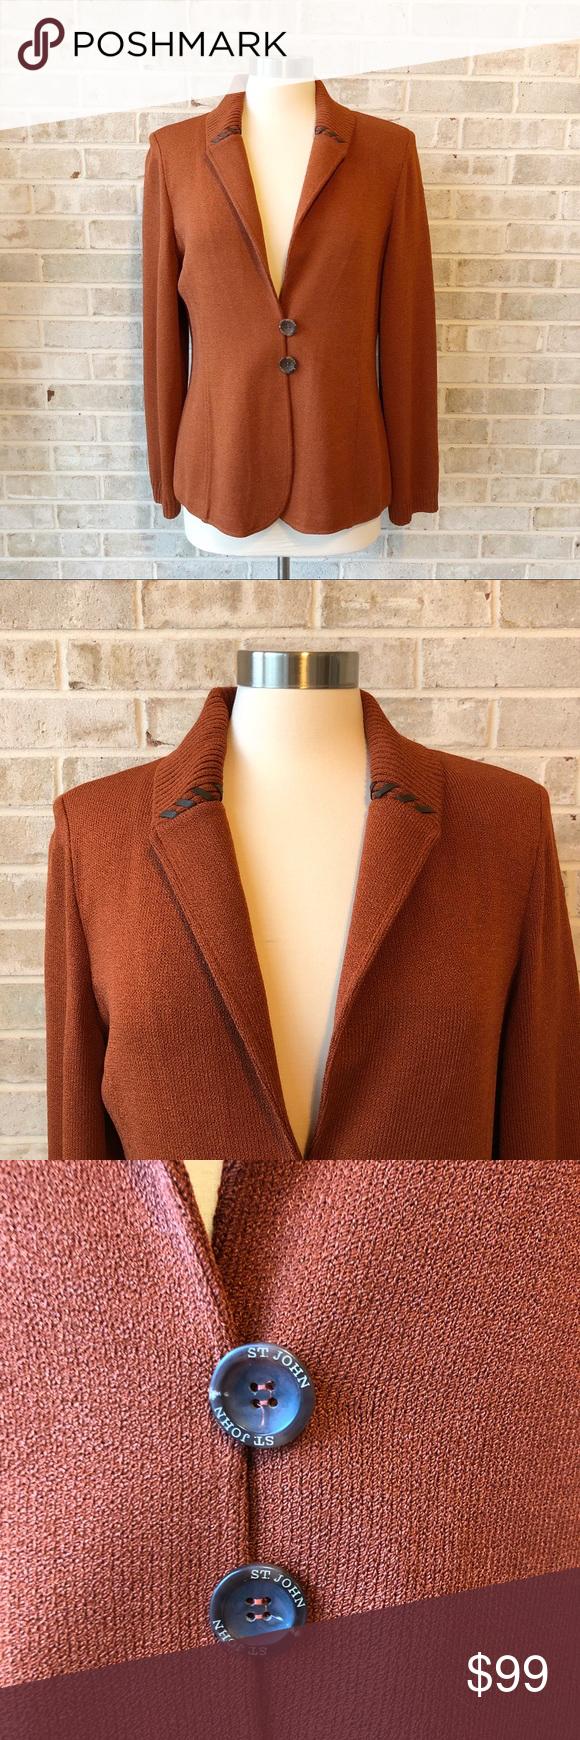 St John Sport Jacket Size M Blazer Santana Knit • Brand